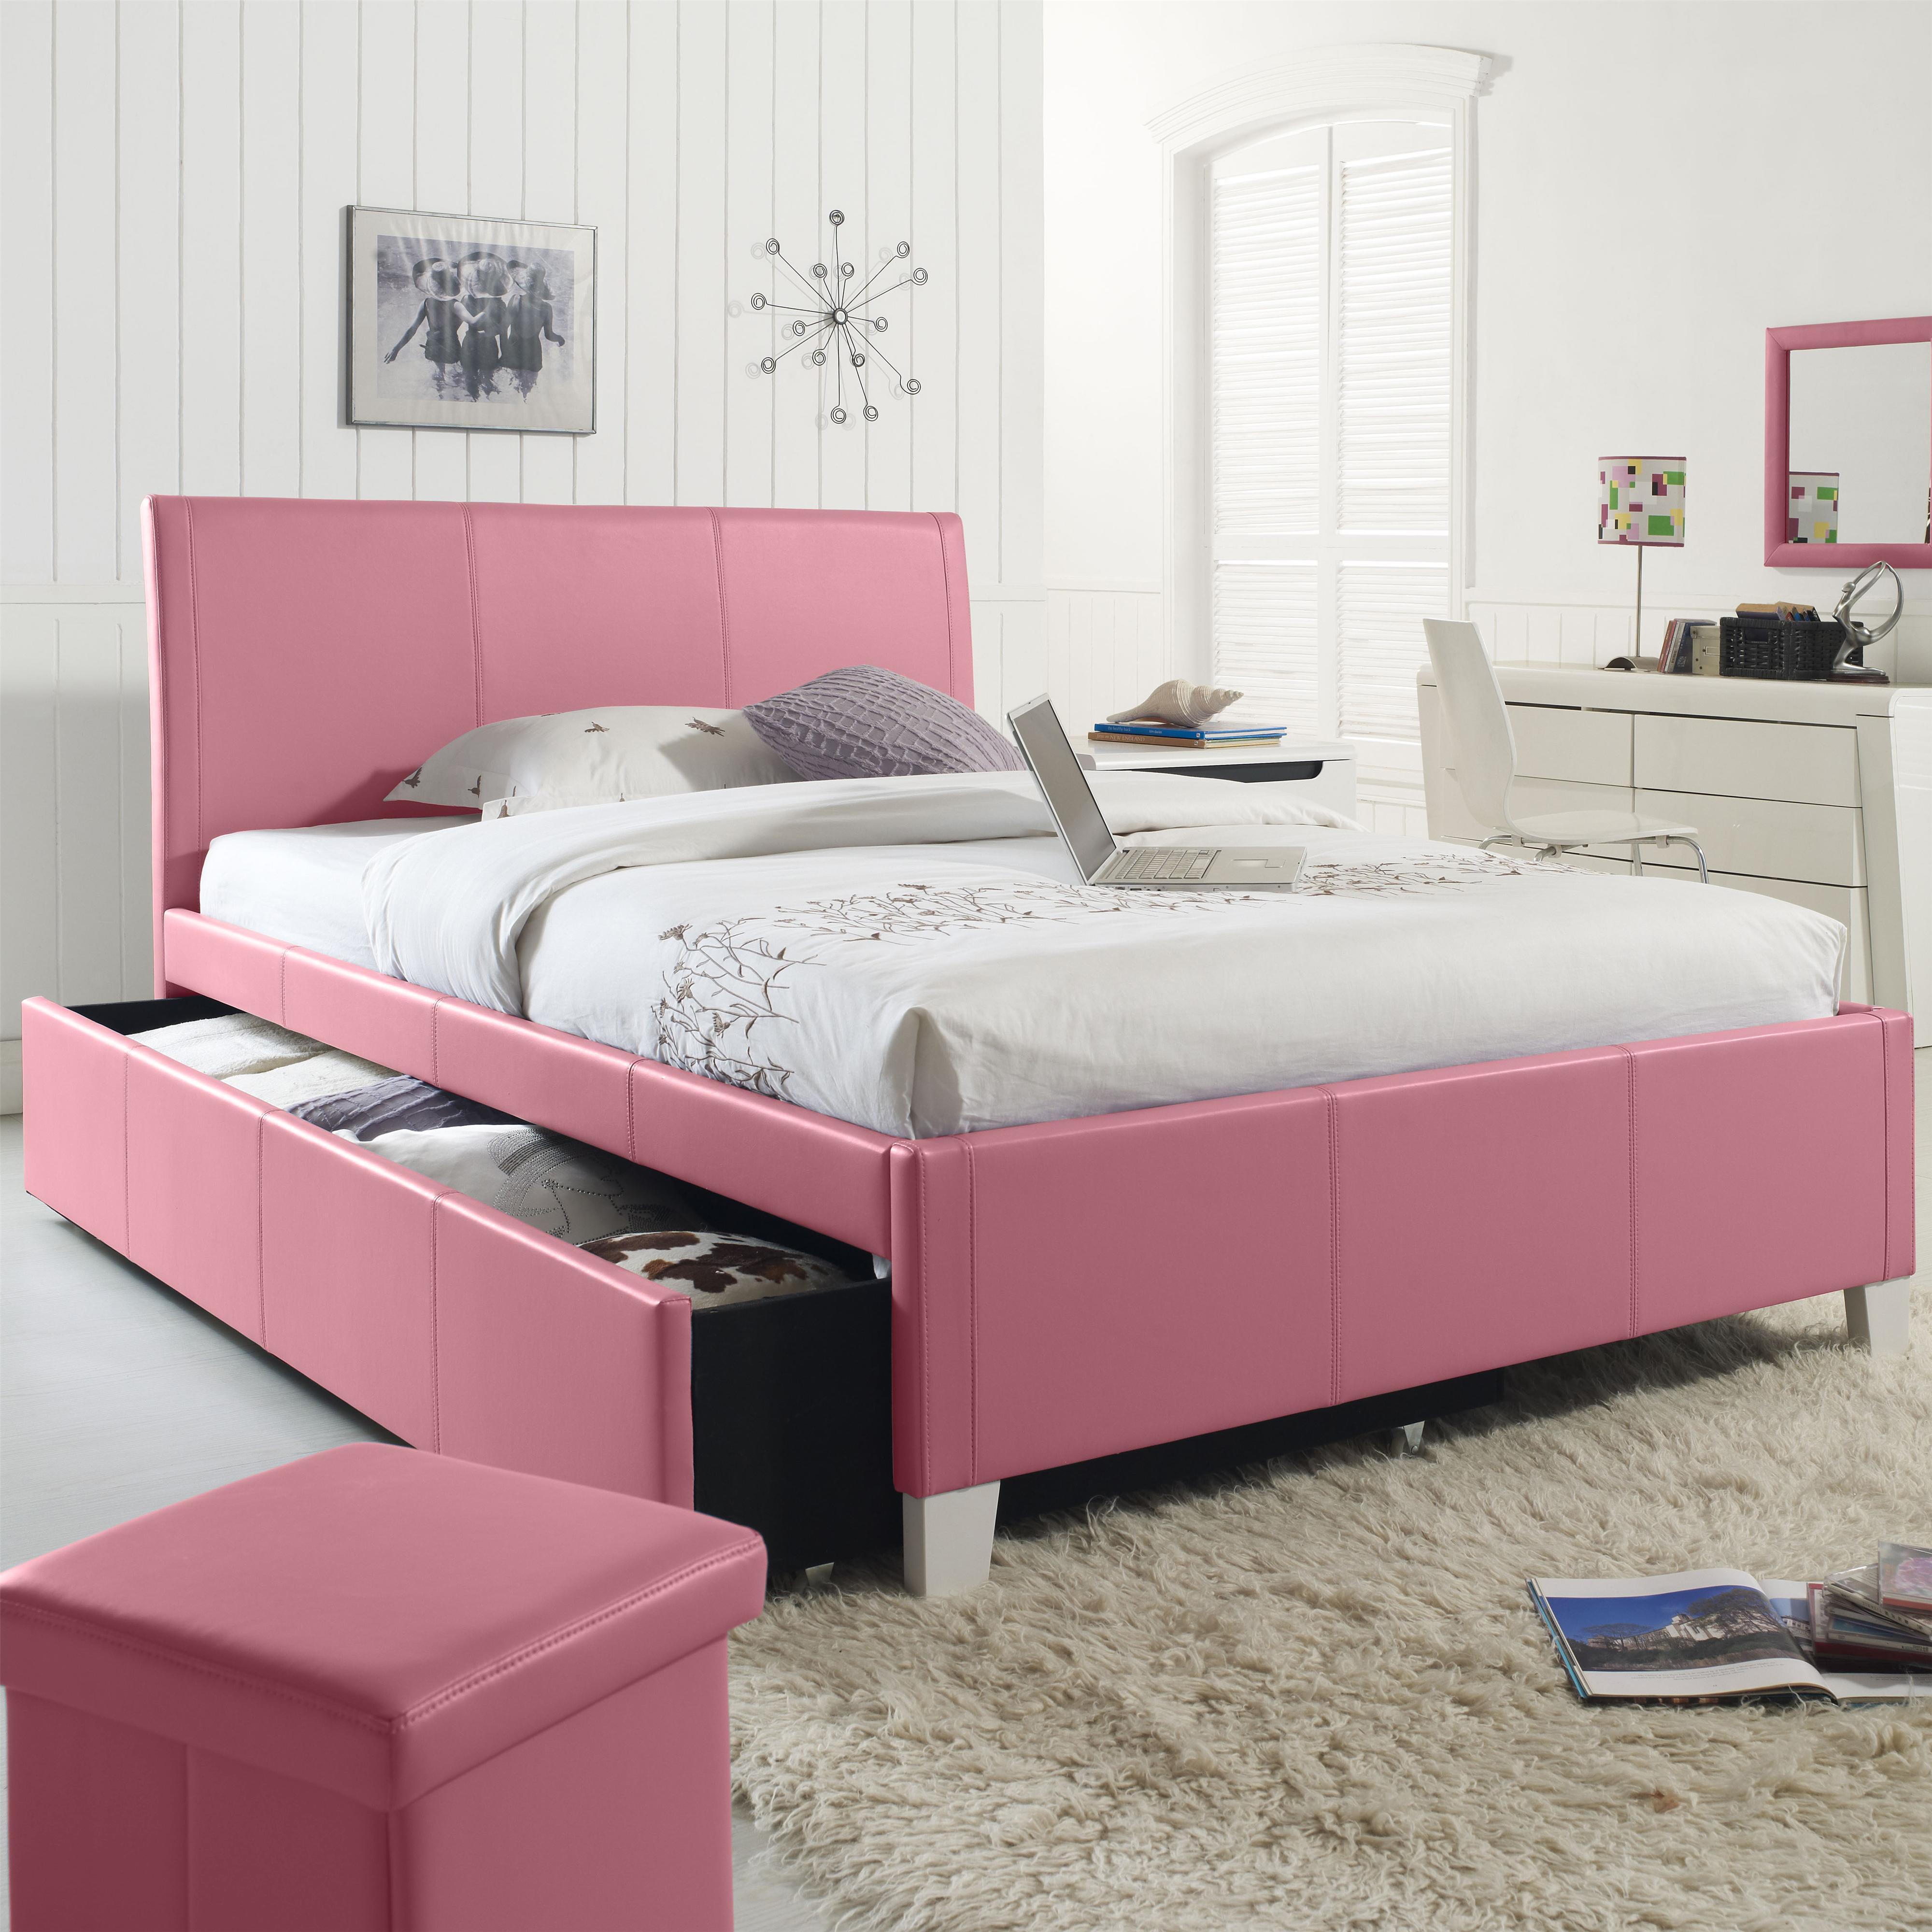 Standard Furniture Fantasia Twin Upholstered Trundle Bed - Item Number: 60758+59